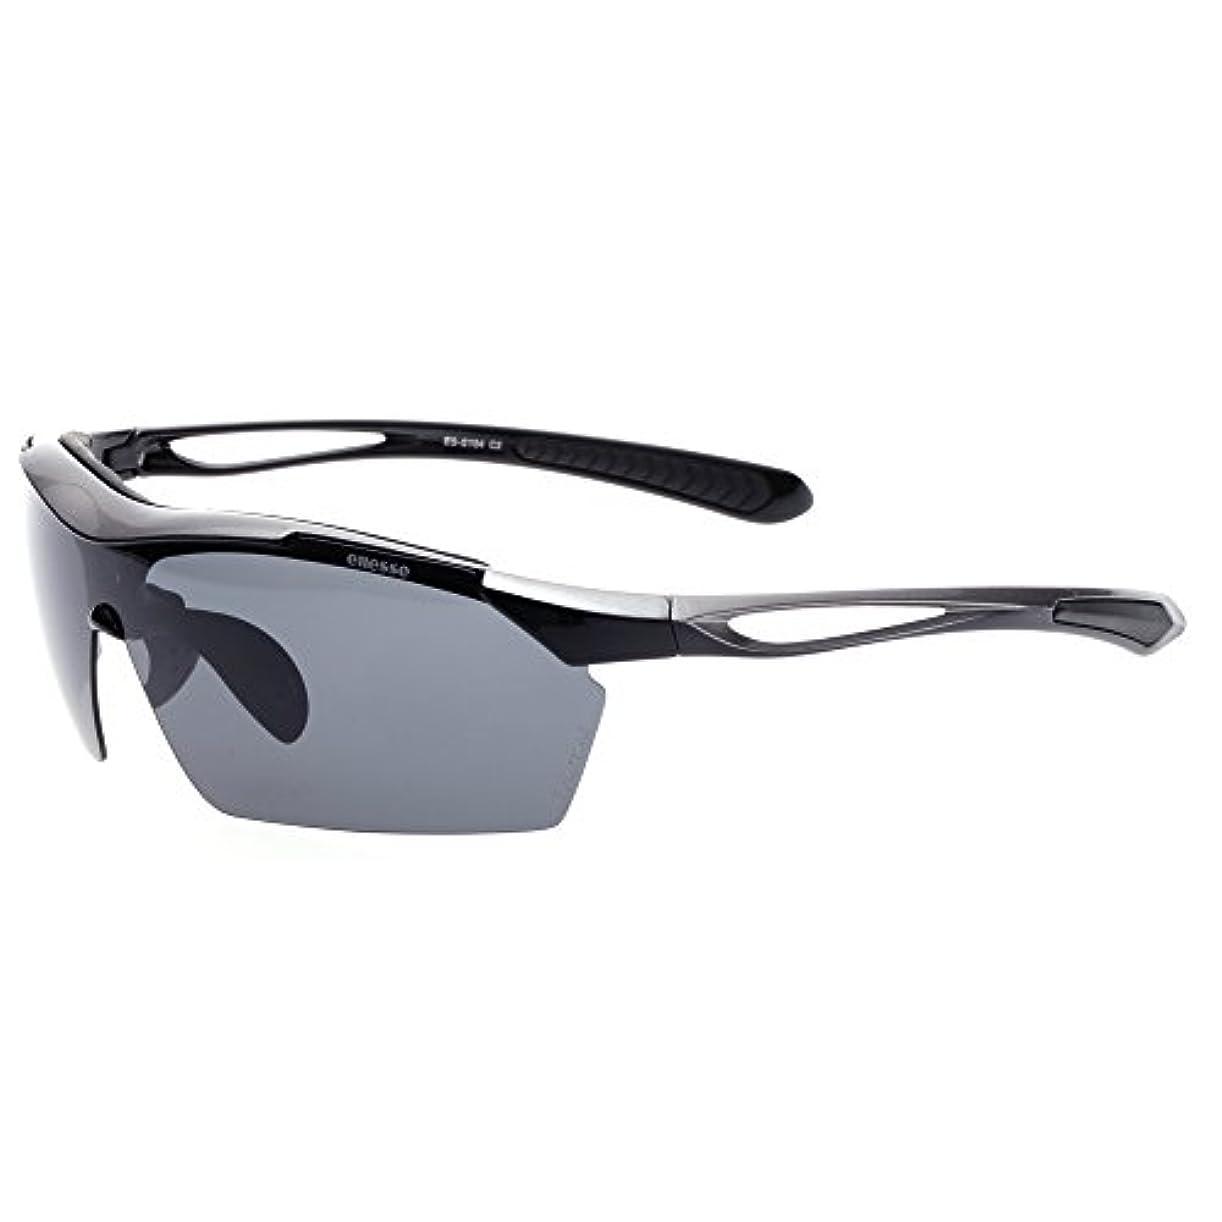 コードレス花モスクellesse(エレッセ)スポーツサングラス メンズ  UV99%カット 偏光レンズ3枚が含まれる交換レンズ5枚、専用ケースセット ES-S104シルバー